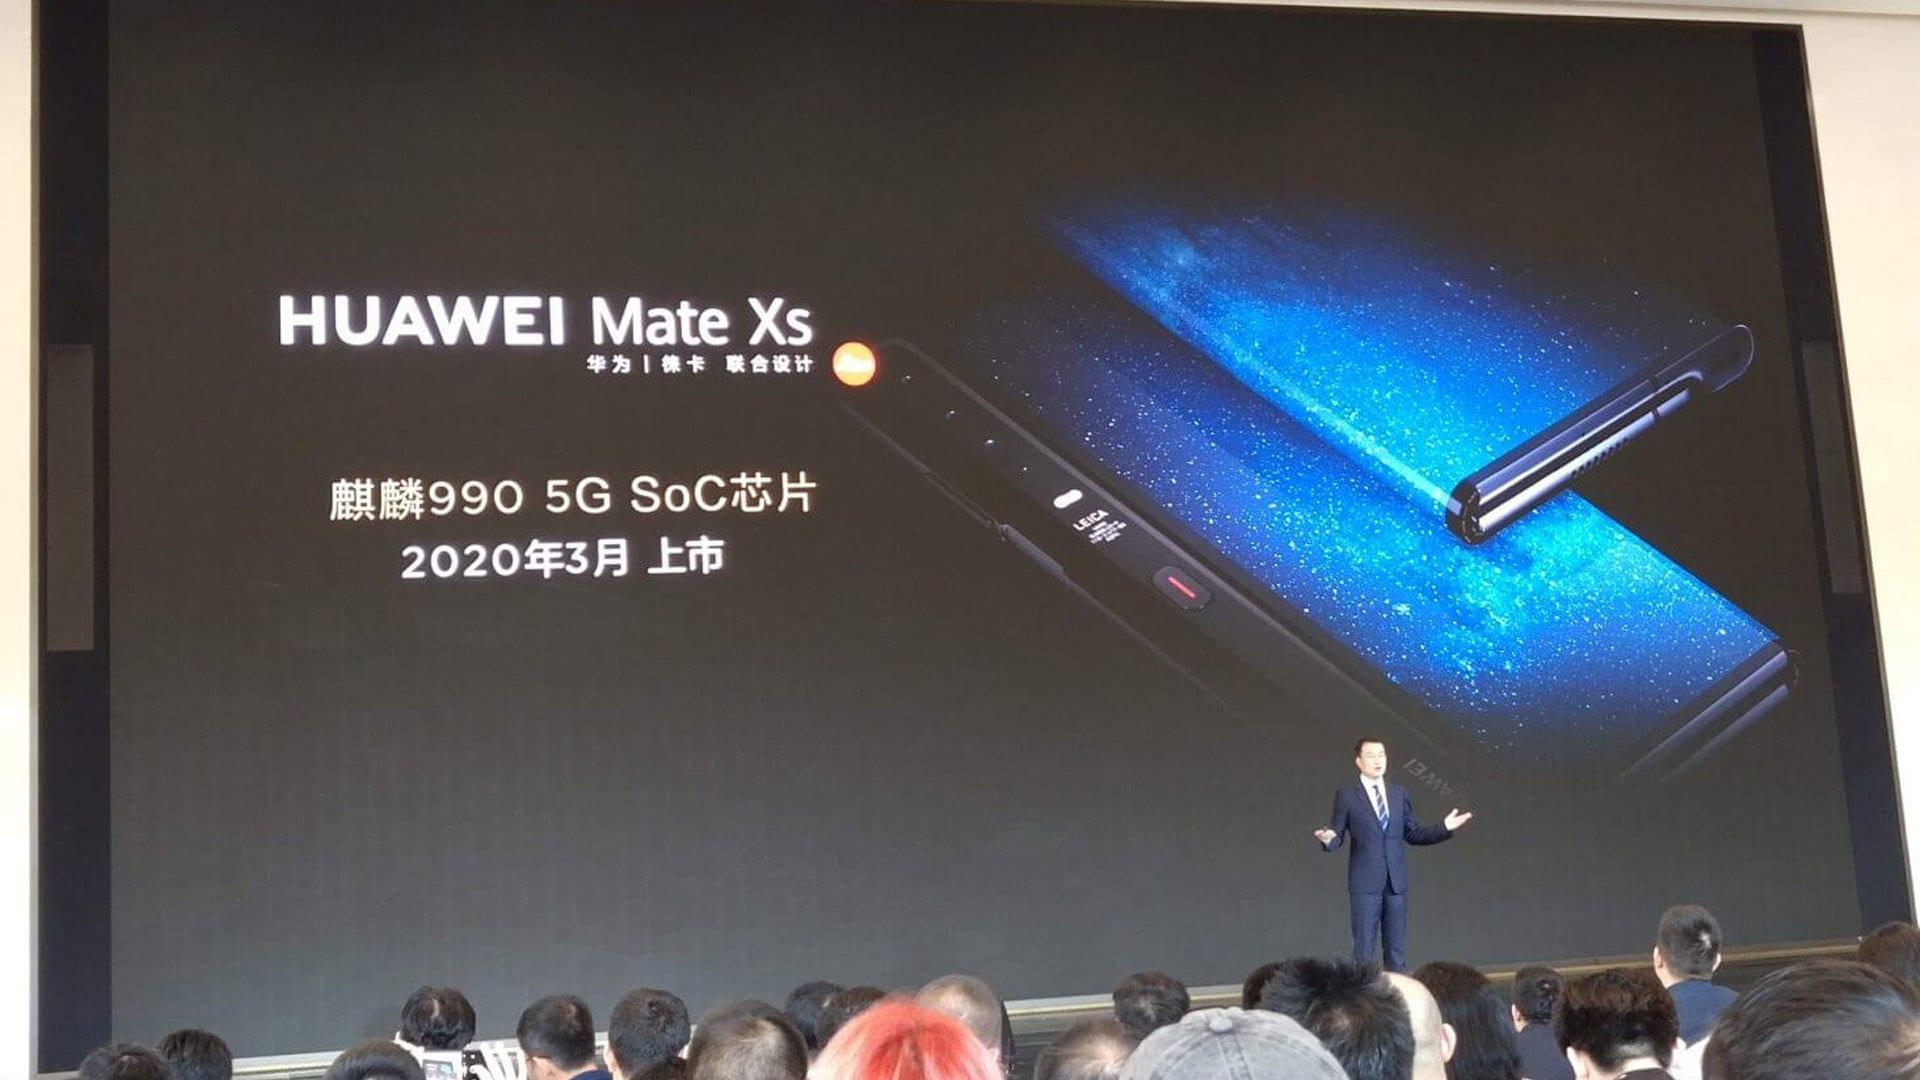 شركة Huawei تجهز لإطلاق هاتفها القادم القابل للطيً Mate Xs في 2020 بمعالج Kirin 990 5G